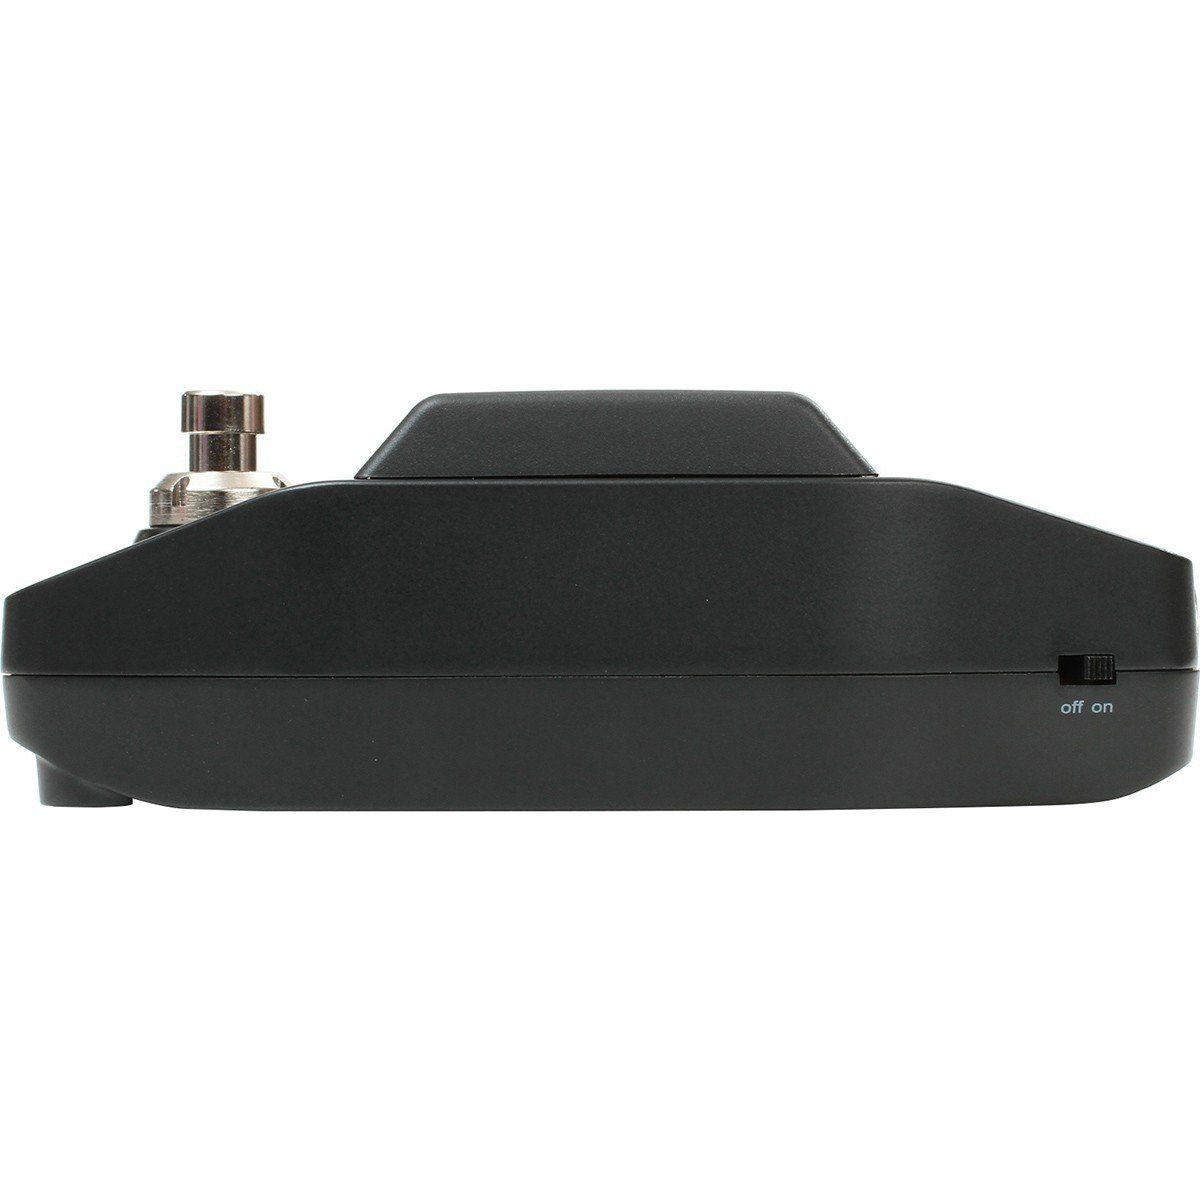 Shure GLXD6 Receptor de Pedais para Guitarra com Afinador Embutido